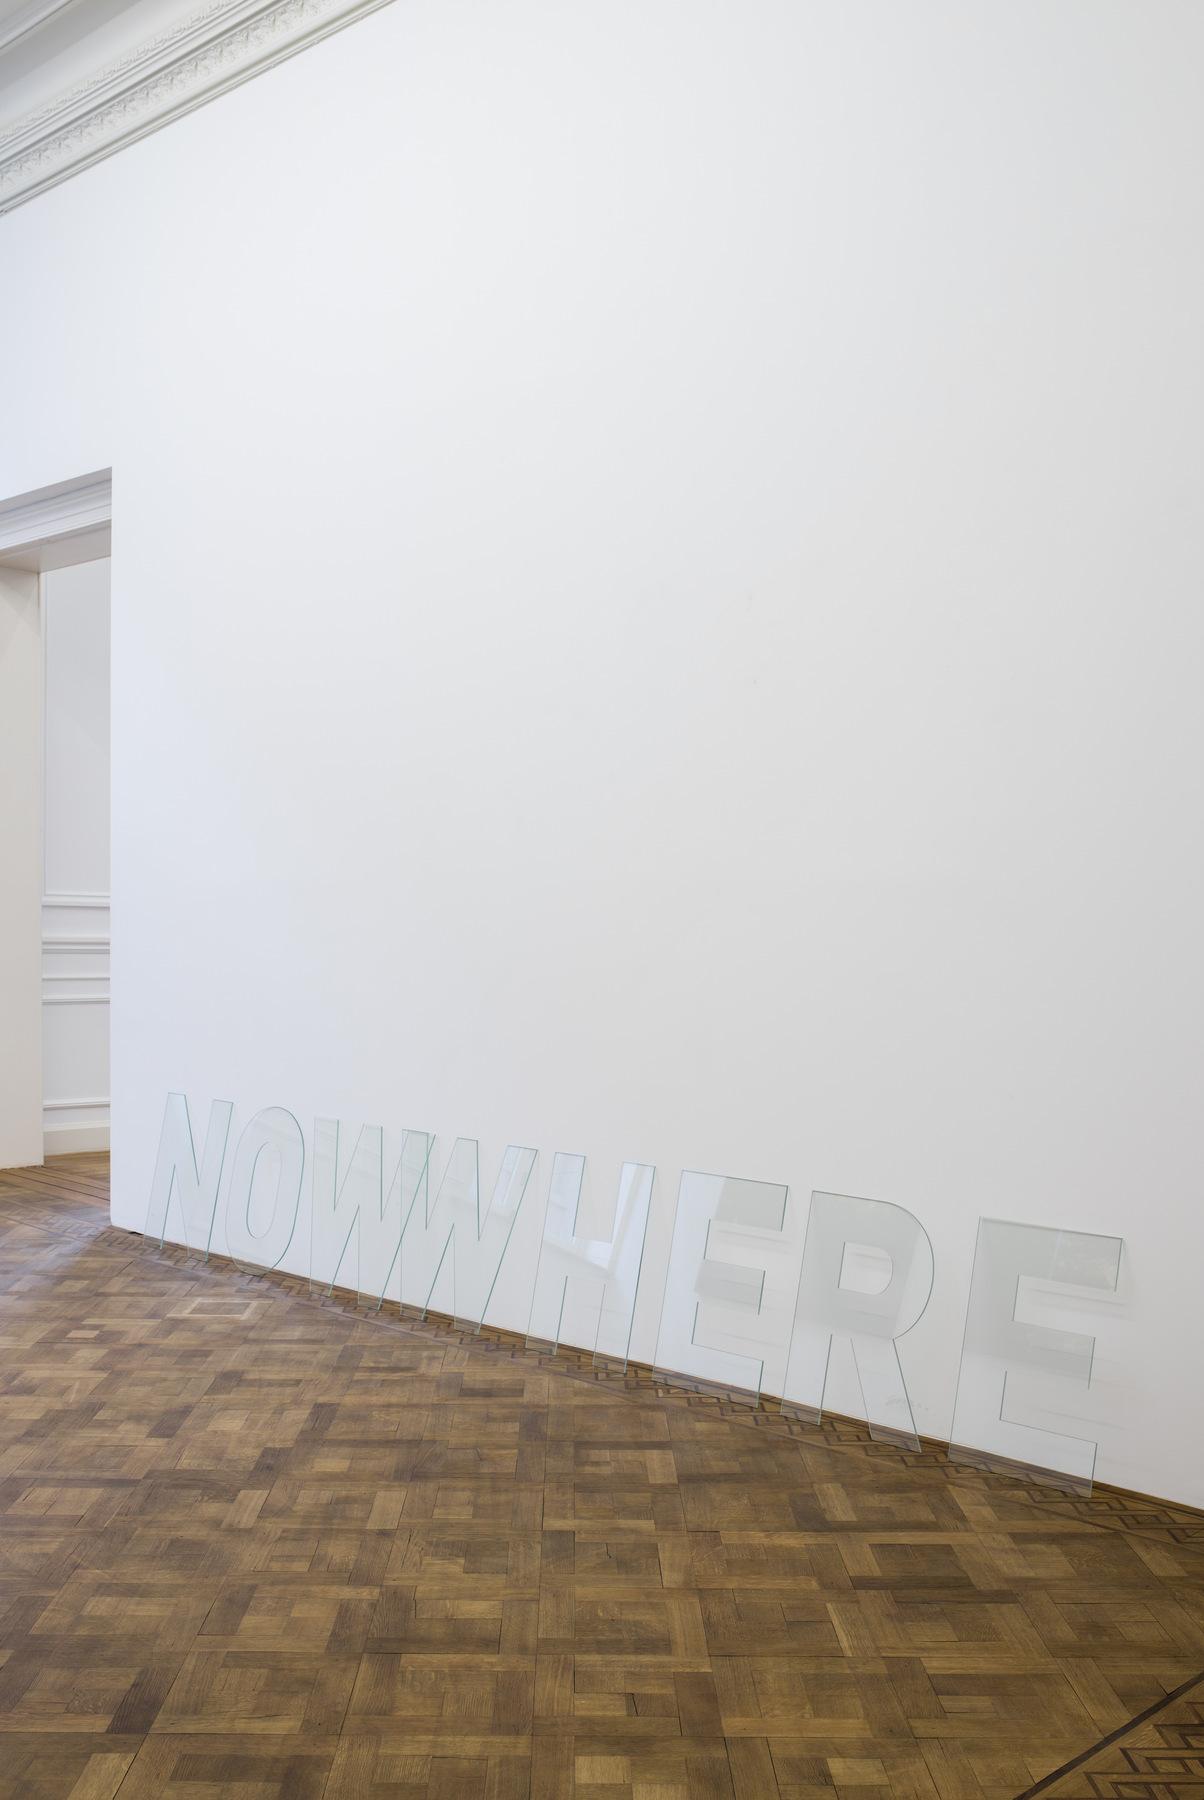 Melik Ohanian, Nowwhere, 2016, Letters in glass, 60 x 360 x 0,5cm, Unique (03)